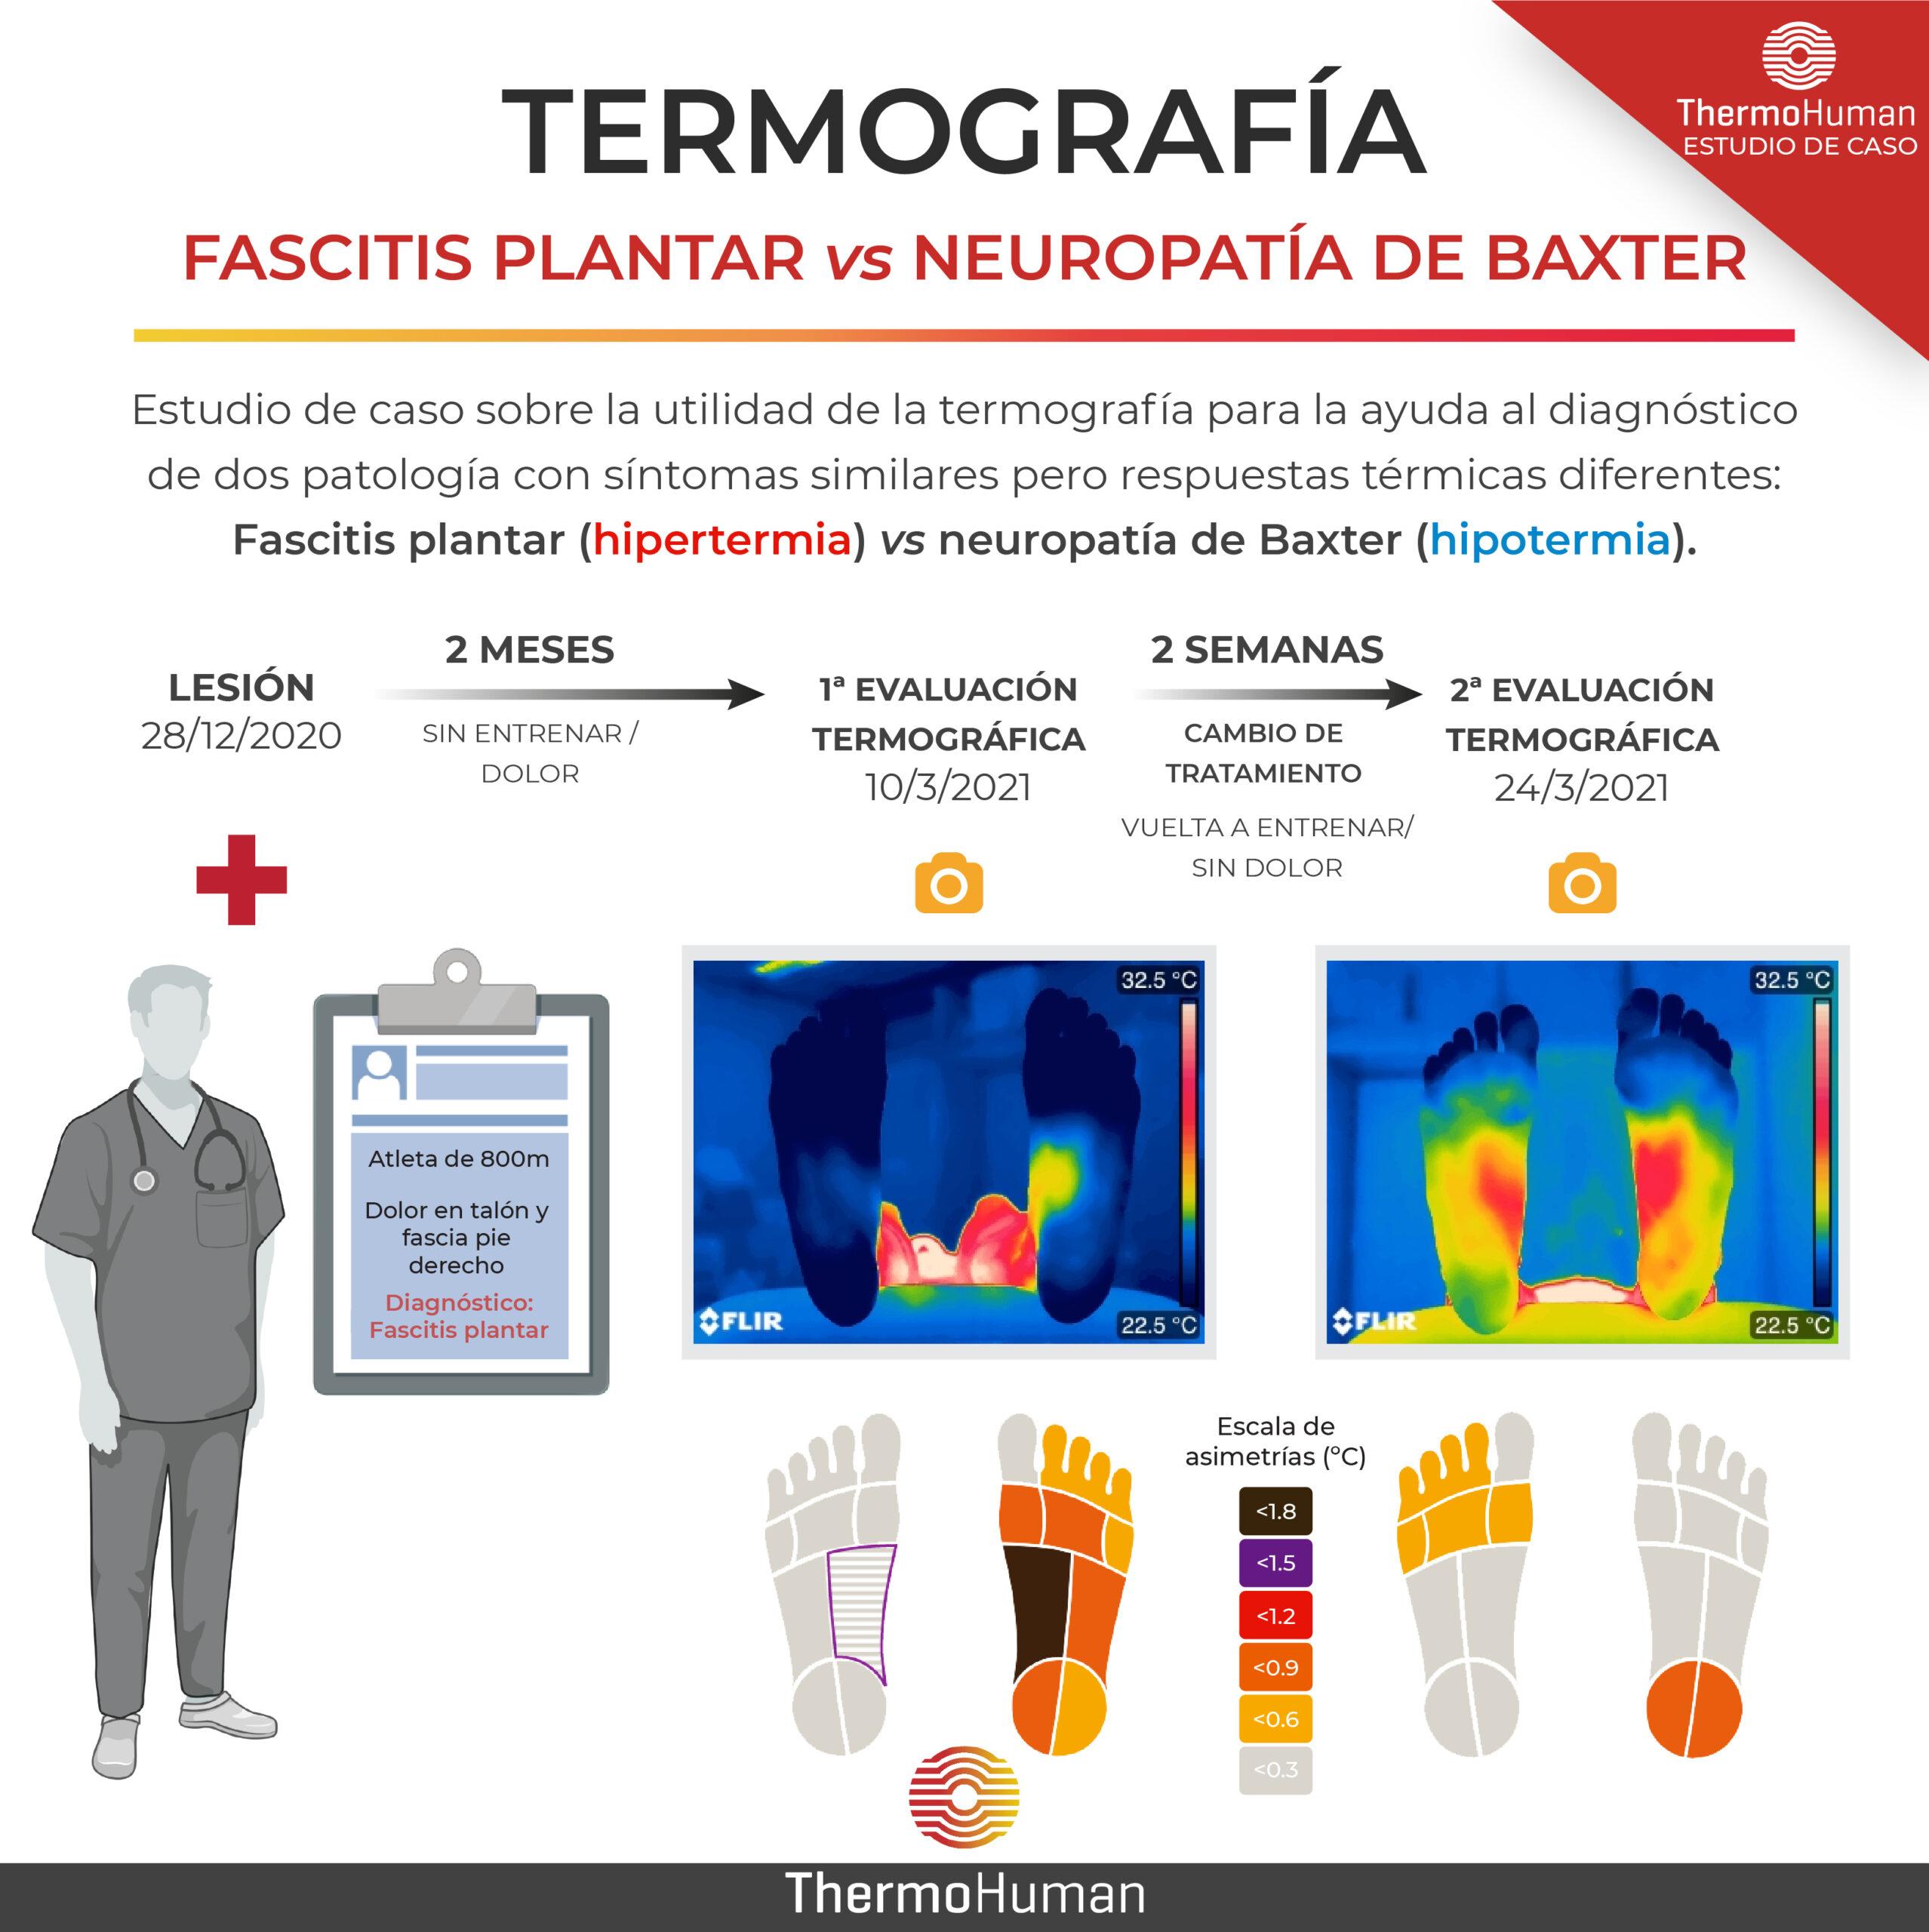 Fascitis plantar vs Neuropatia de Baxter: estudio de caso con termografía